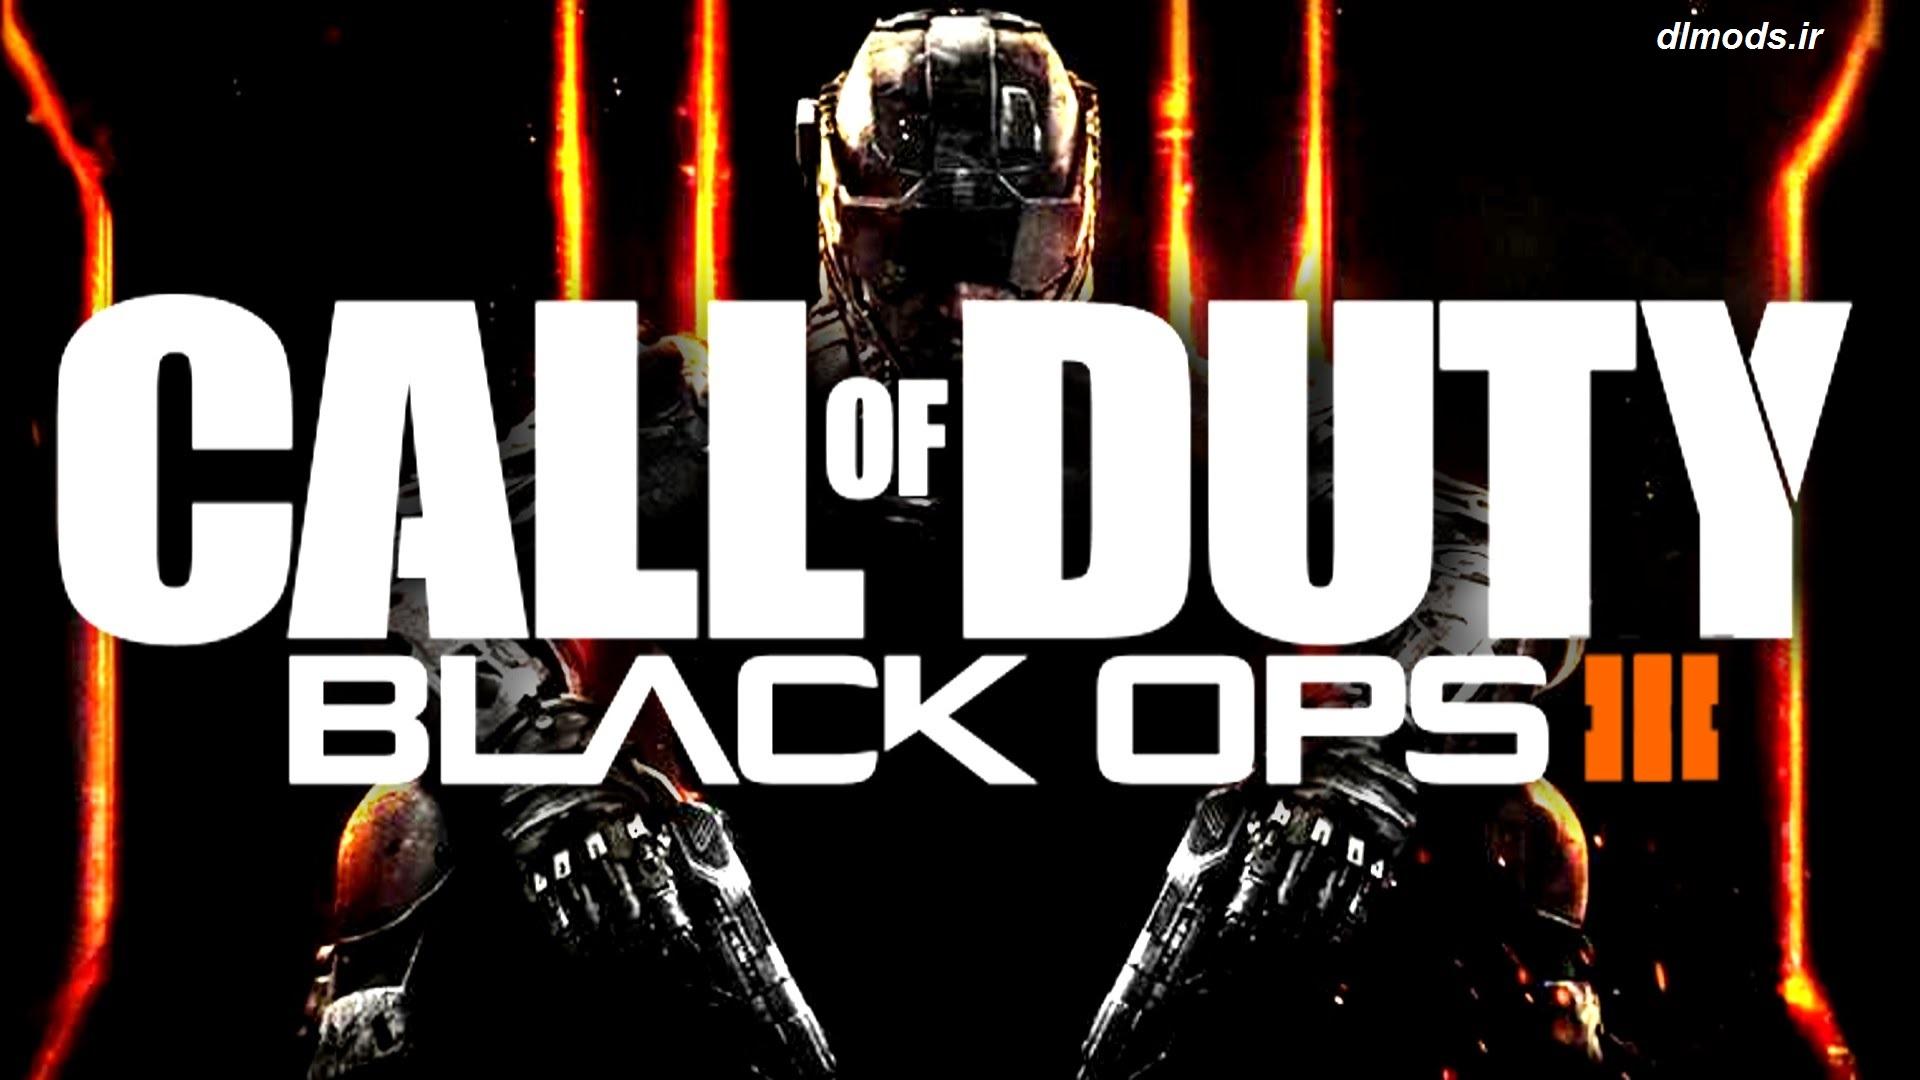 دانلود ترینر بازی Call of Duty Black Ops III